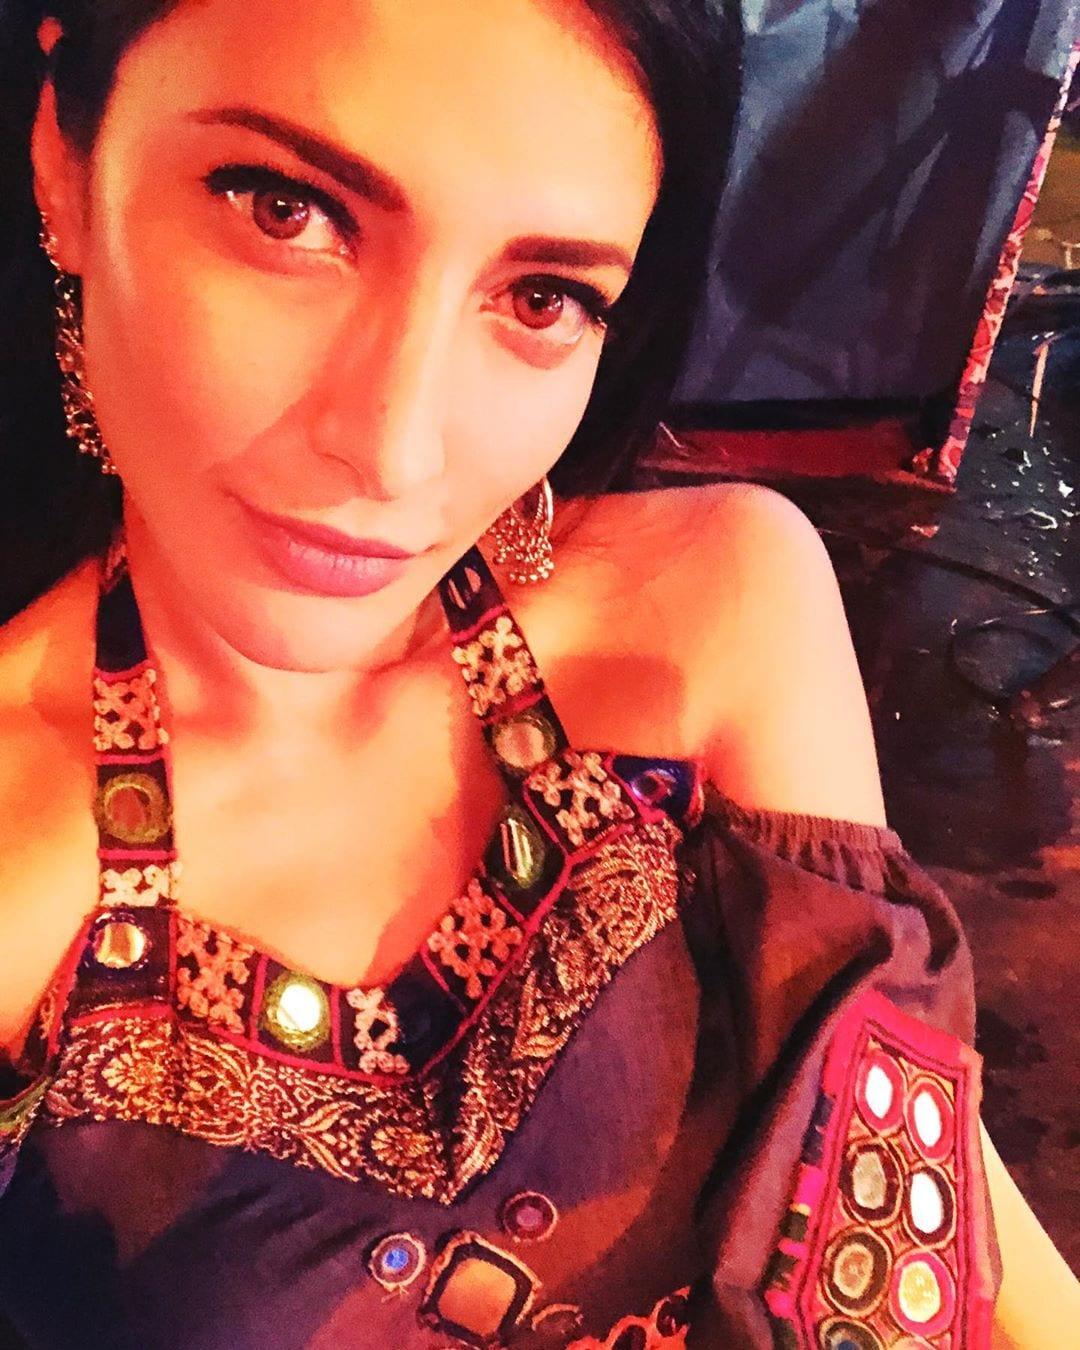 శృతి హాసన్ (Photo: shrutzhaasan/Instagram)